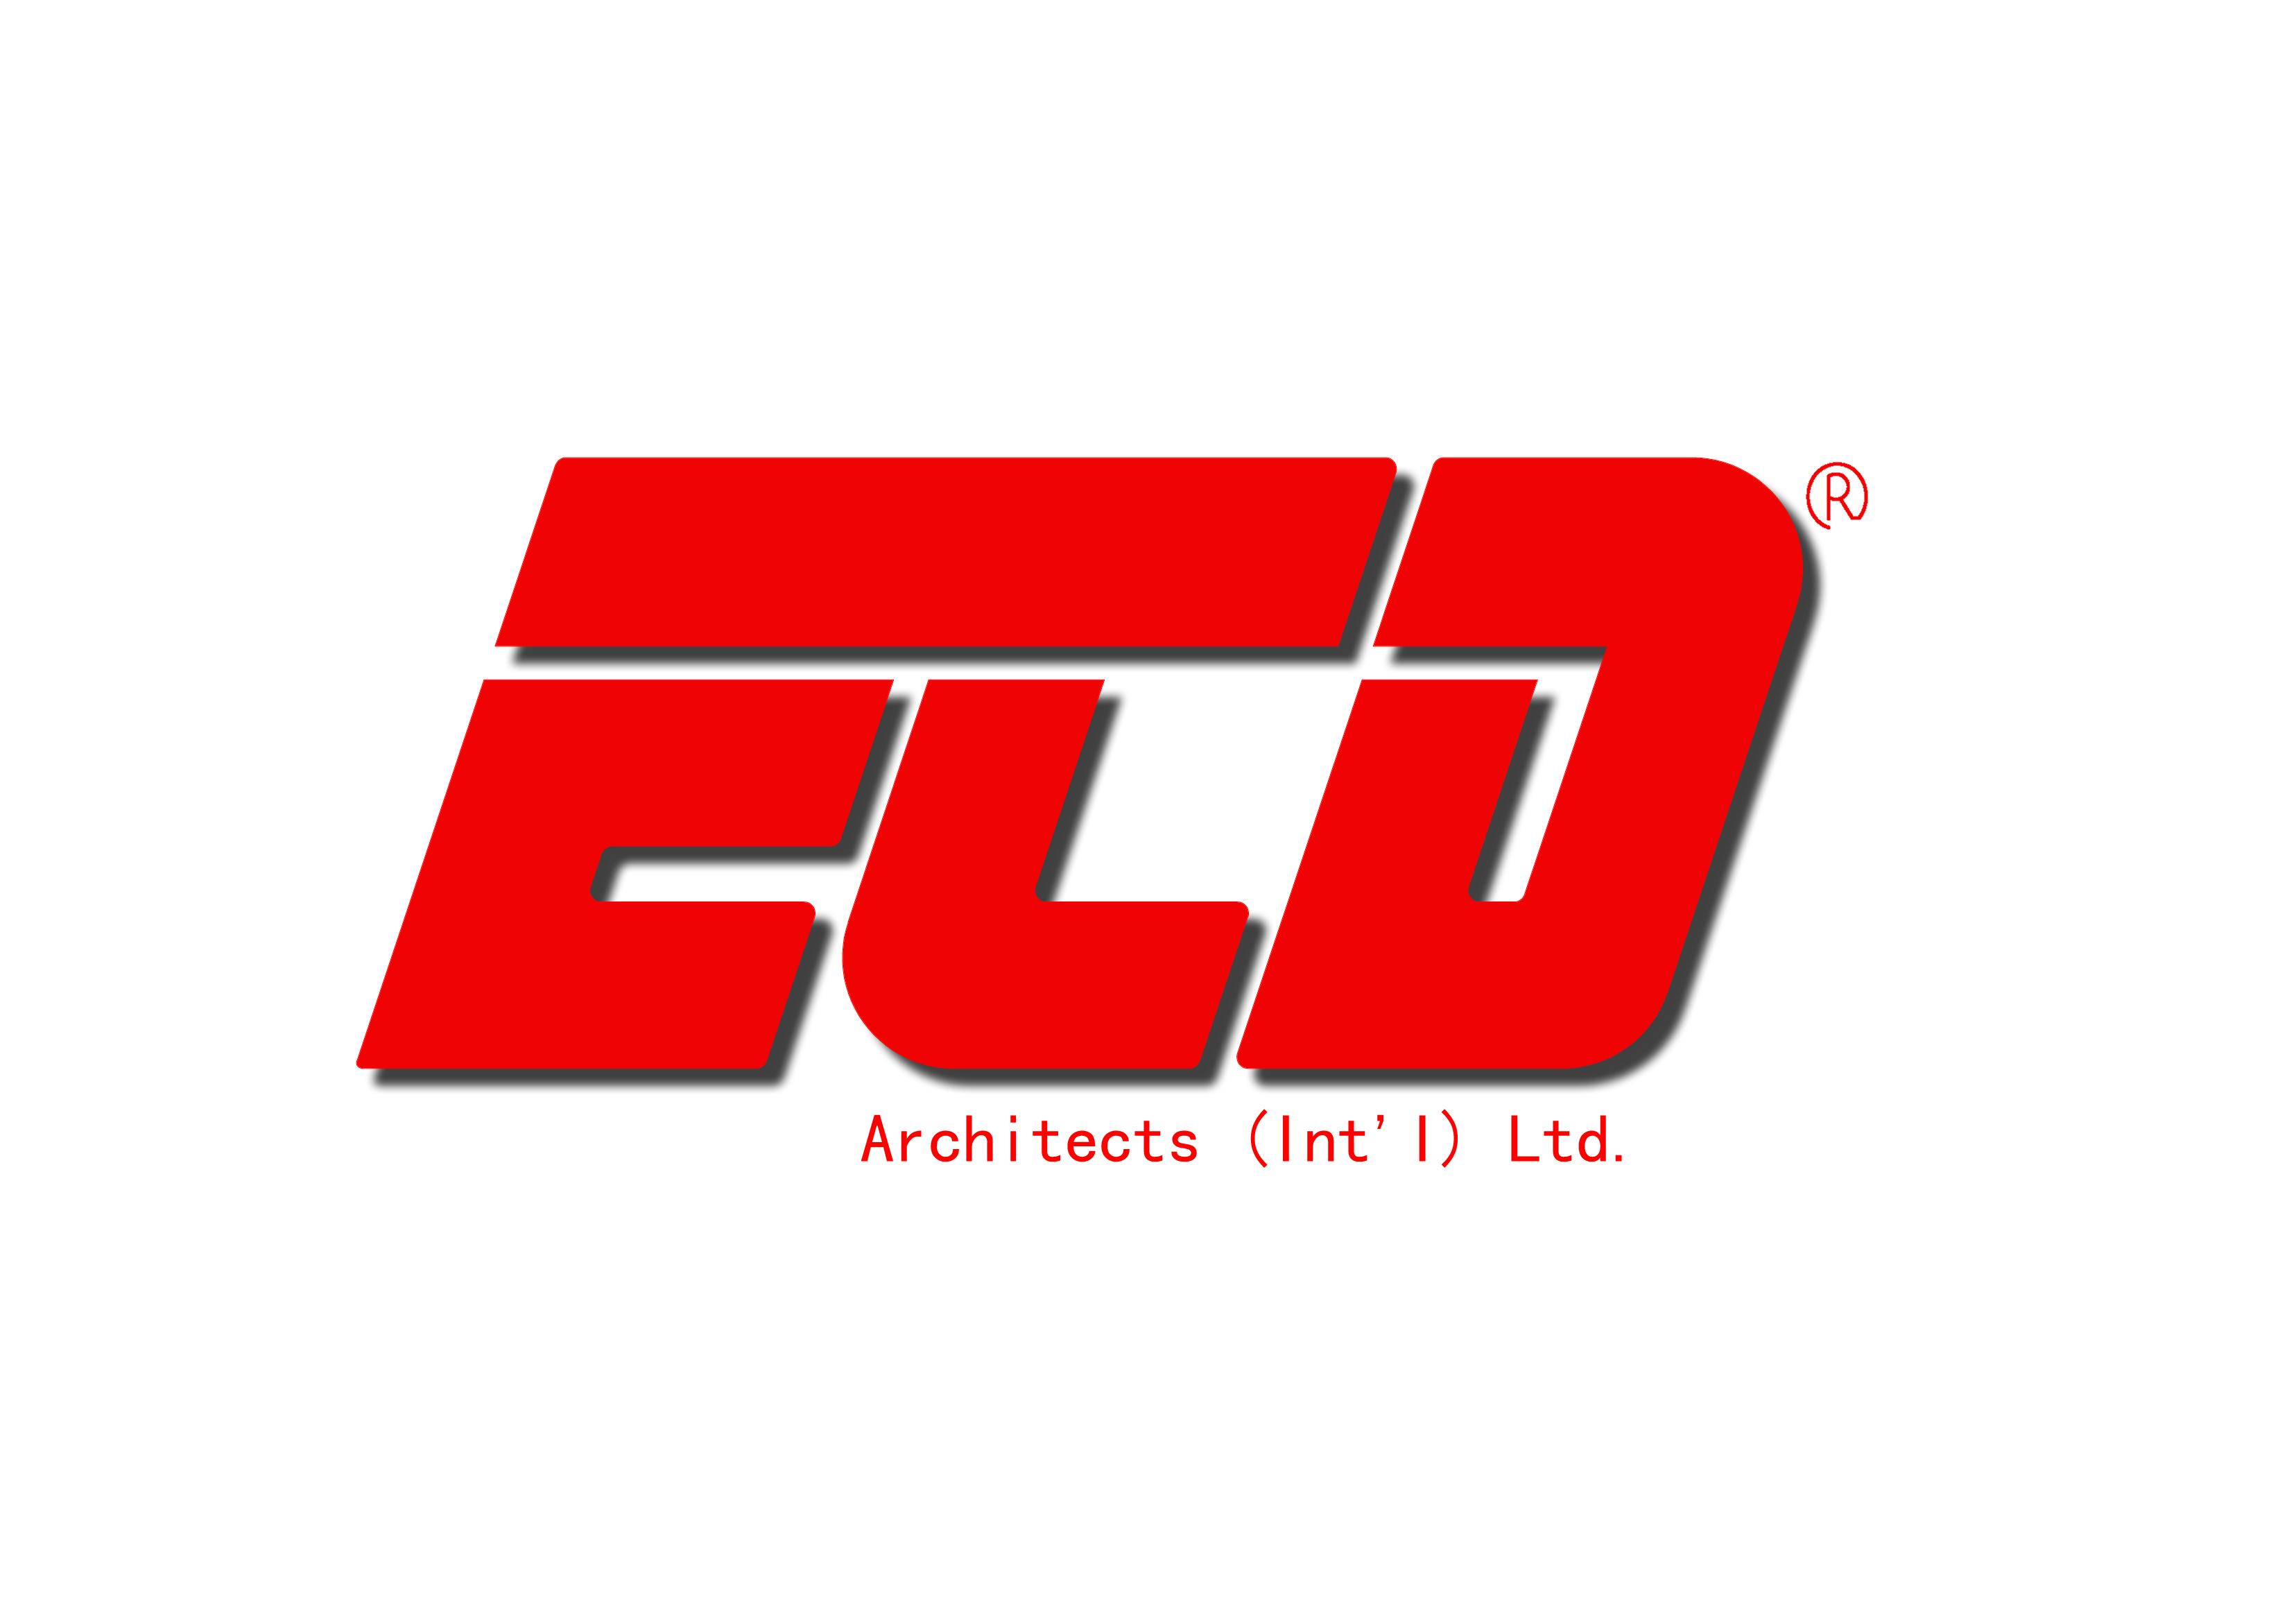 卓创国际精英团队招聘启示 卓创国际设计集团(英文缩写ECD)是一个具有国际化背景的全国性的建筑设计院,并获得国家住房和城乡建设部批准的、具有独立的法人资格的甲级建筑设计机构(证书编号:A150003162、城规编第022033、证书编号A250003169)。主要承担城市规划设计、民用与工业建筑设计、市政设计以及相应的工程咨询服务。ECD在山地建筑、城市综合体、高端住宅、公共建筑、商业建筑以及城市规划等众多领域取得了卓越的成绩,赢得了全国地产界排名前五十强中的二十八家著名房地产大型企业以及政府部门等的认可